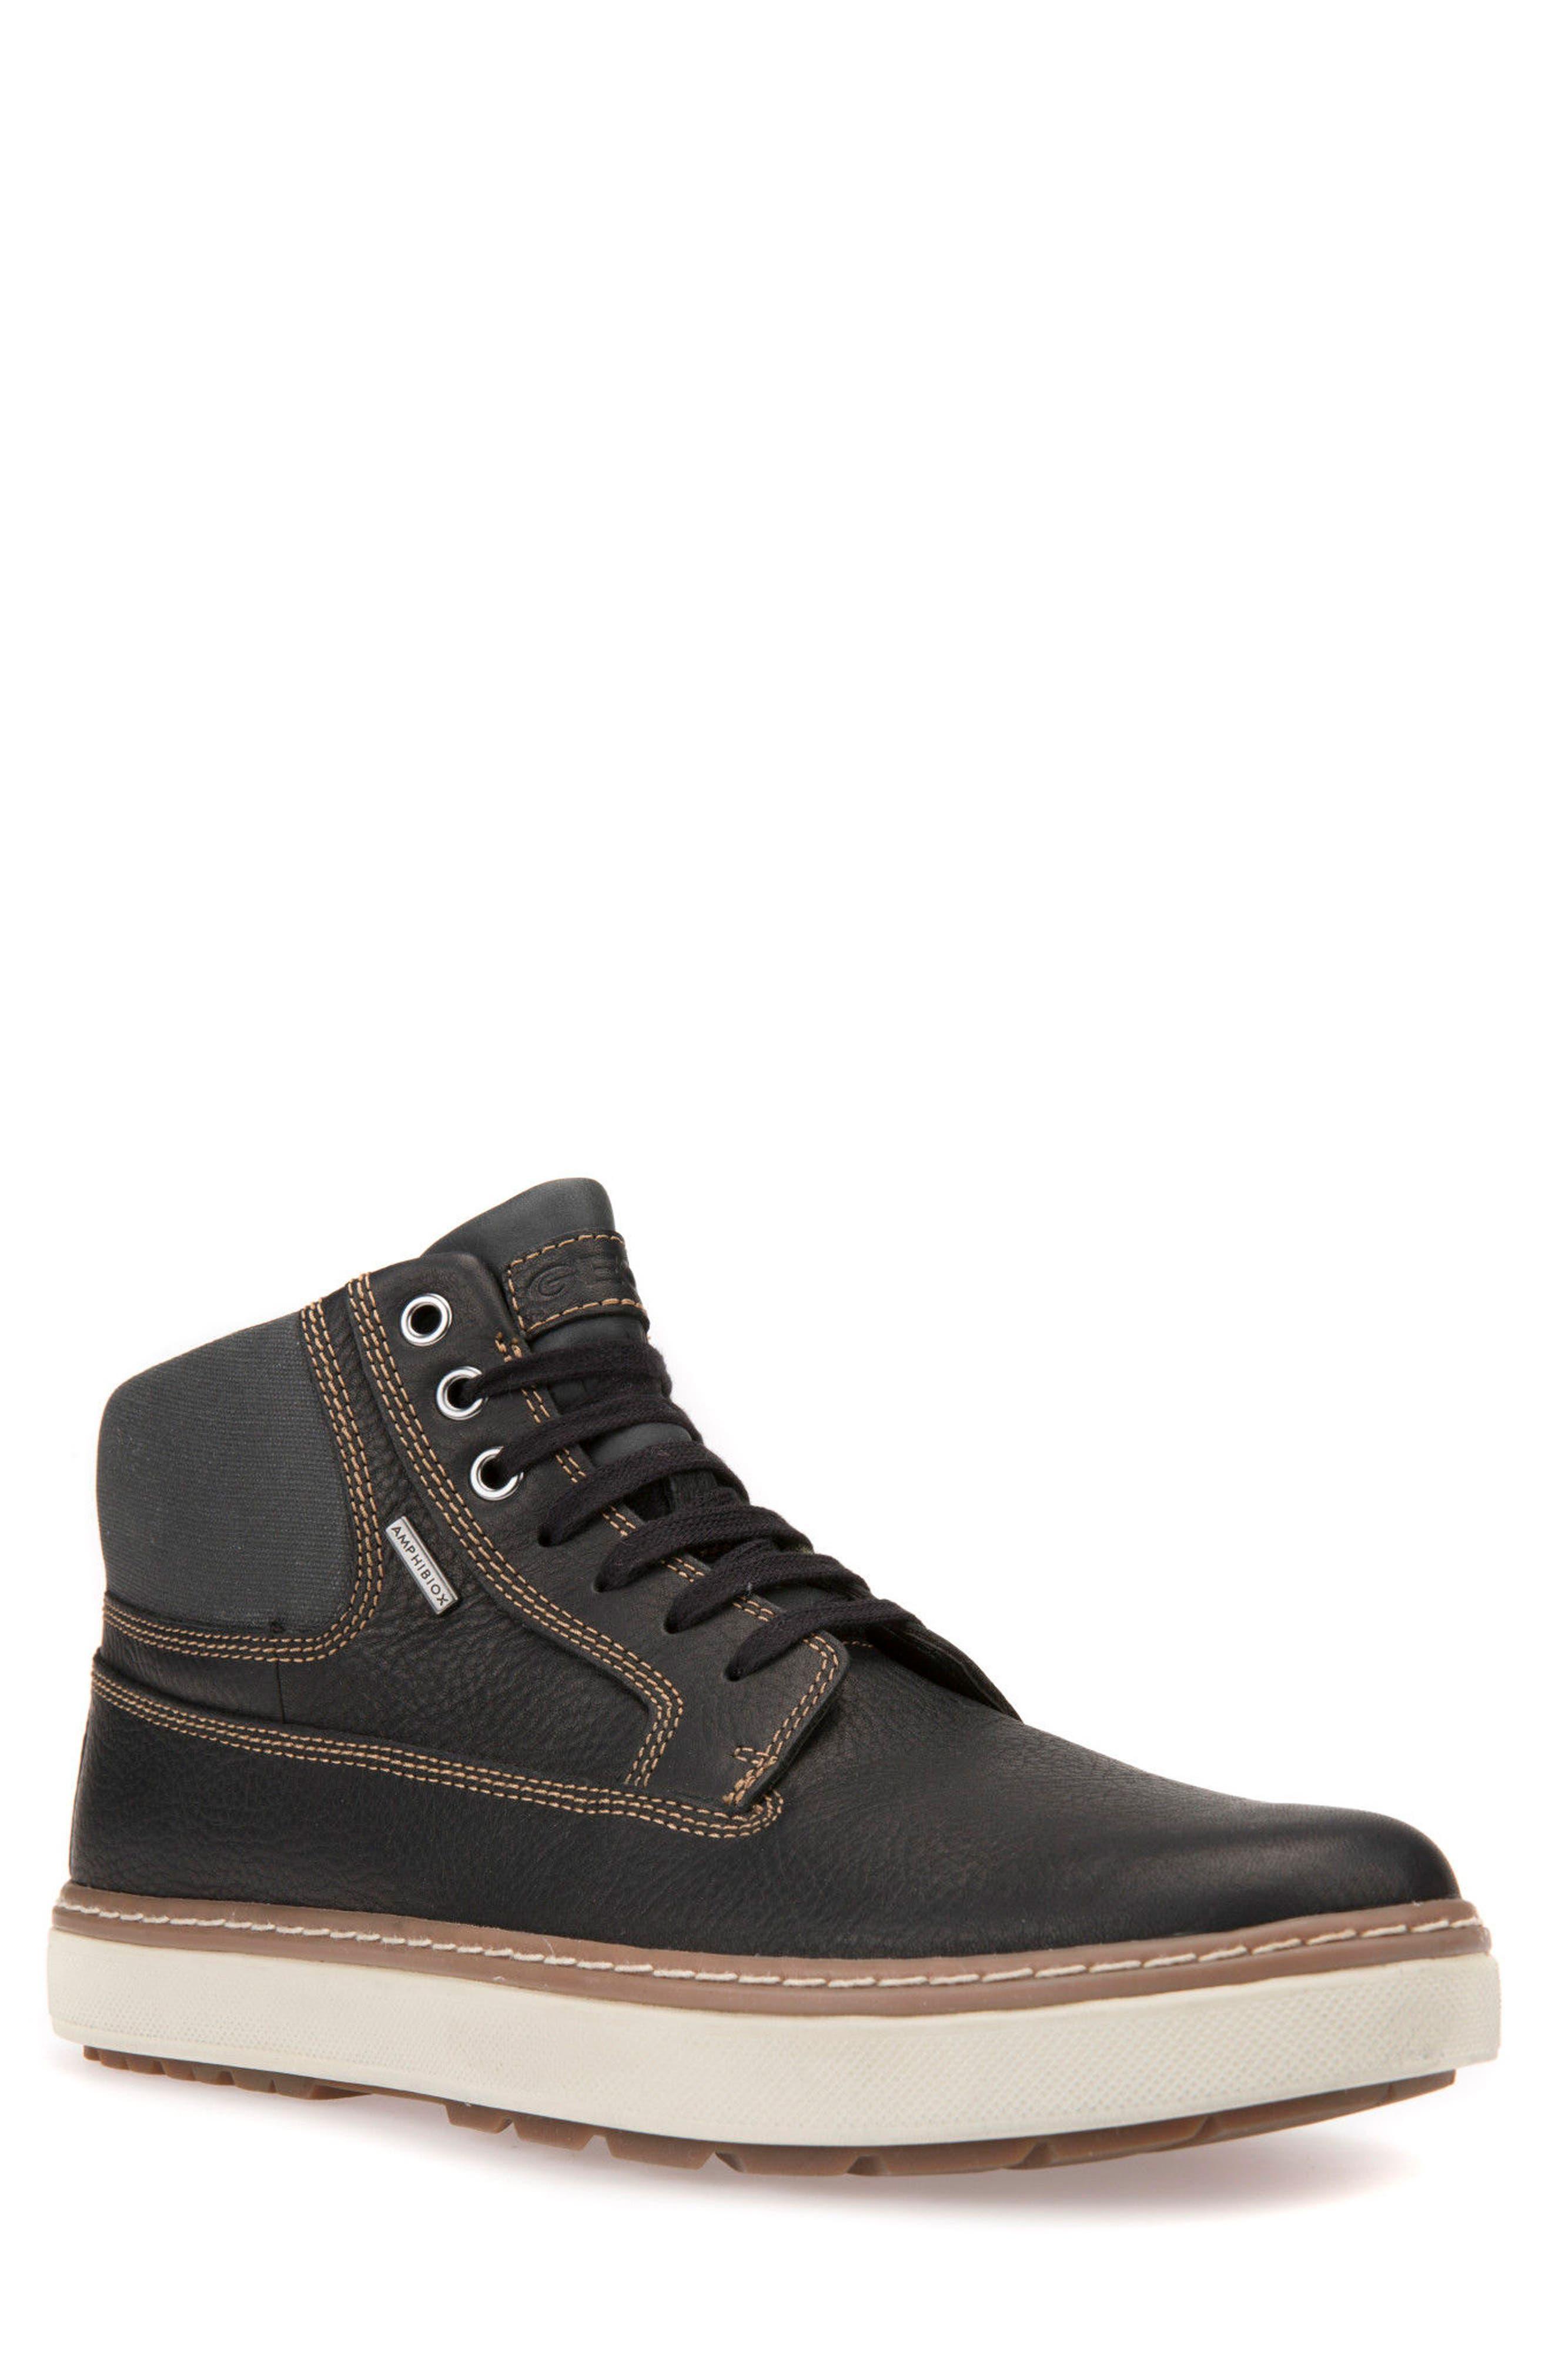 Mattias B ABX Waterproof Sneaker Boot,                         Main,                         color,